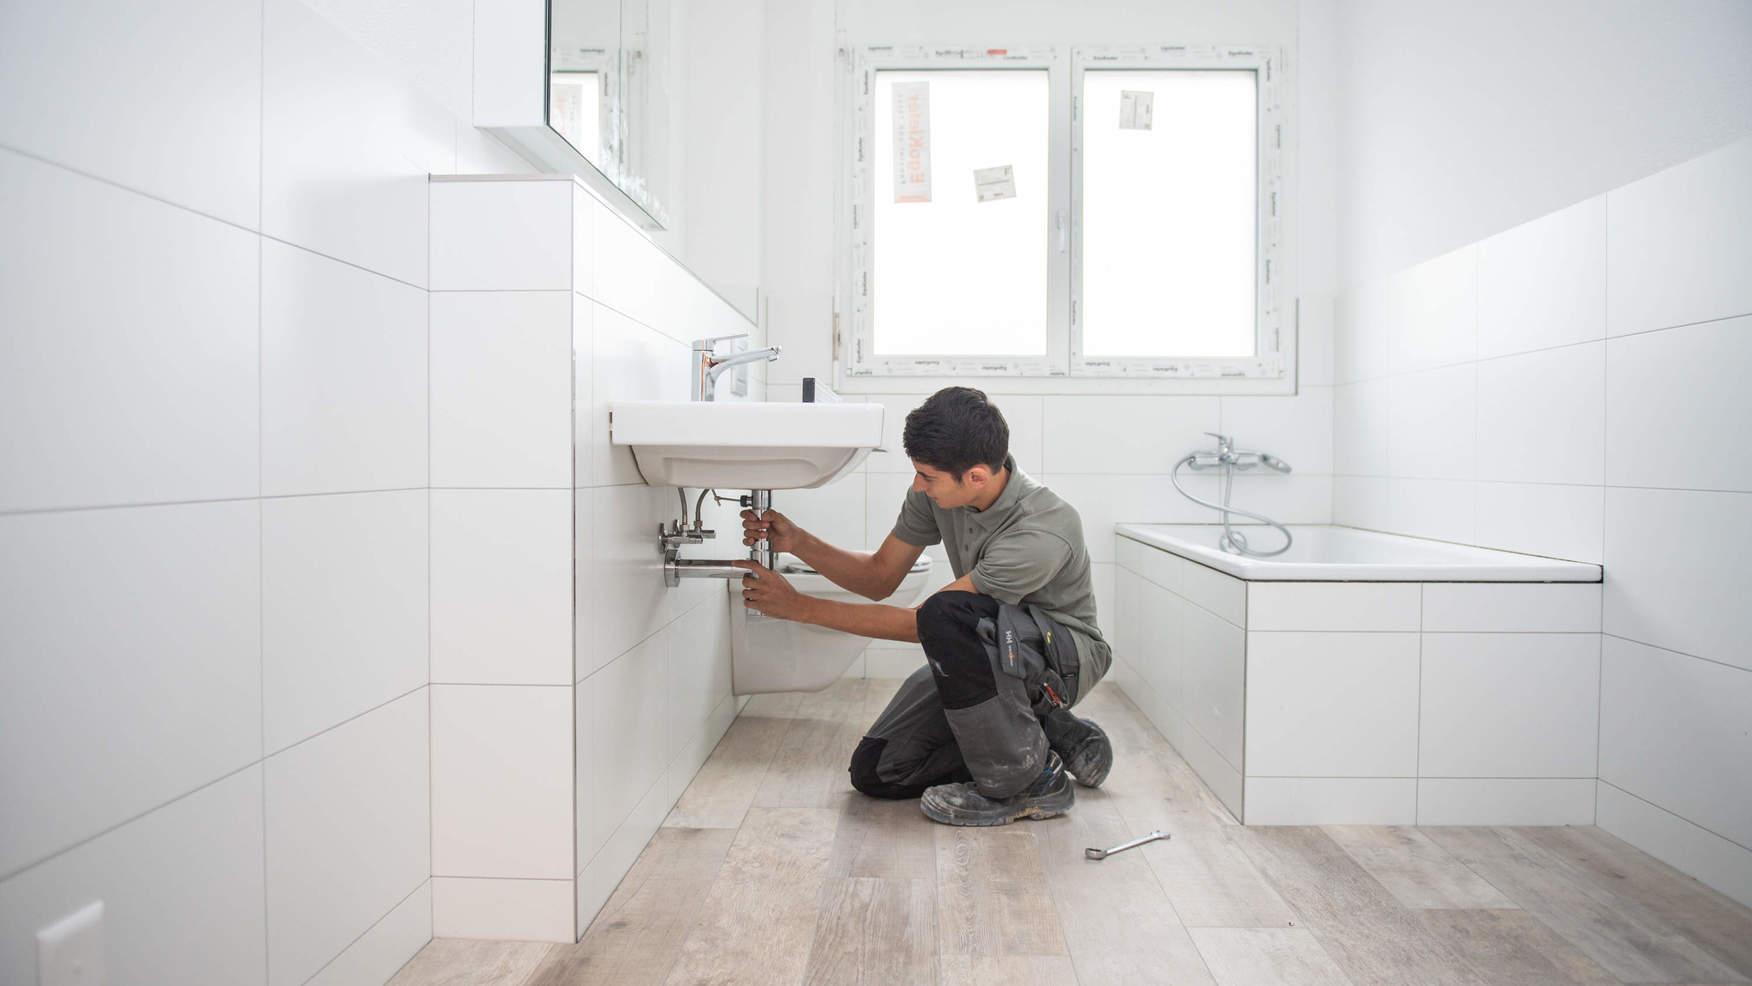 Sanitärinstallateur bei der Arbeit